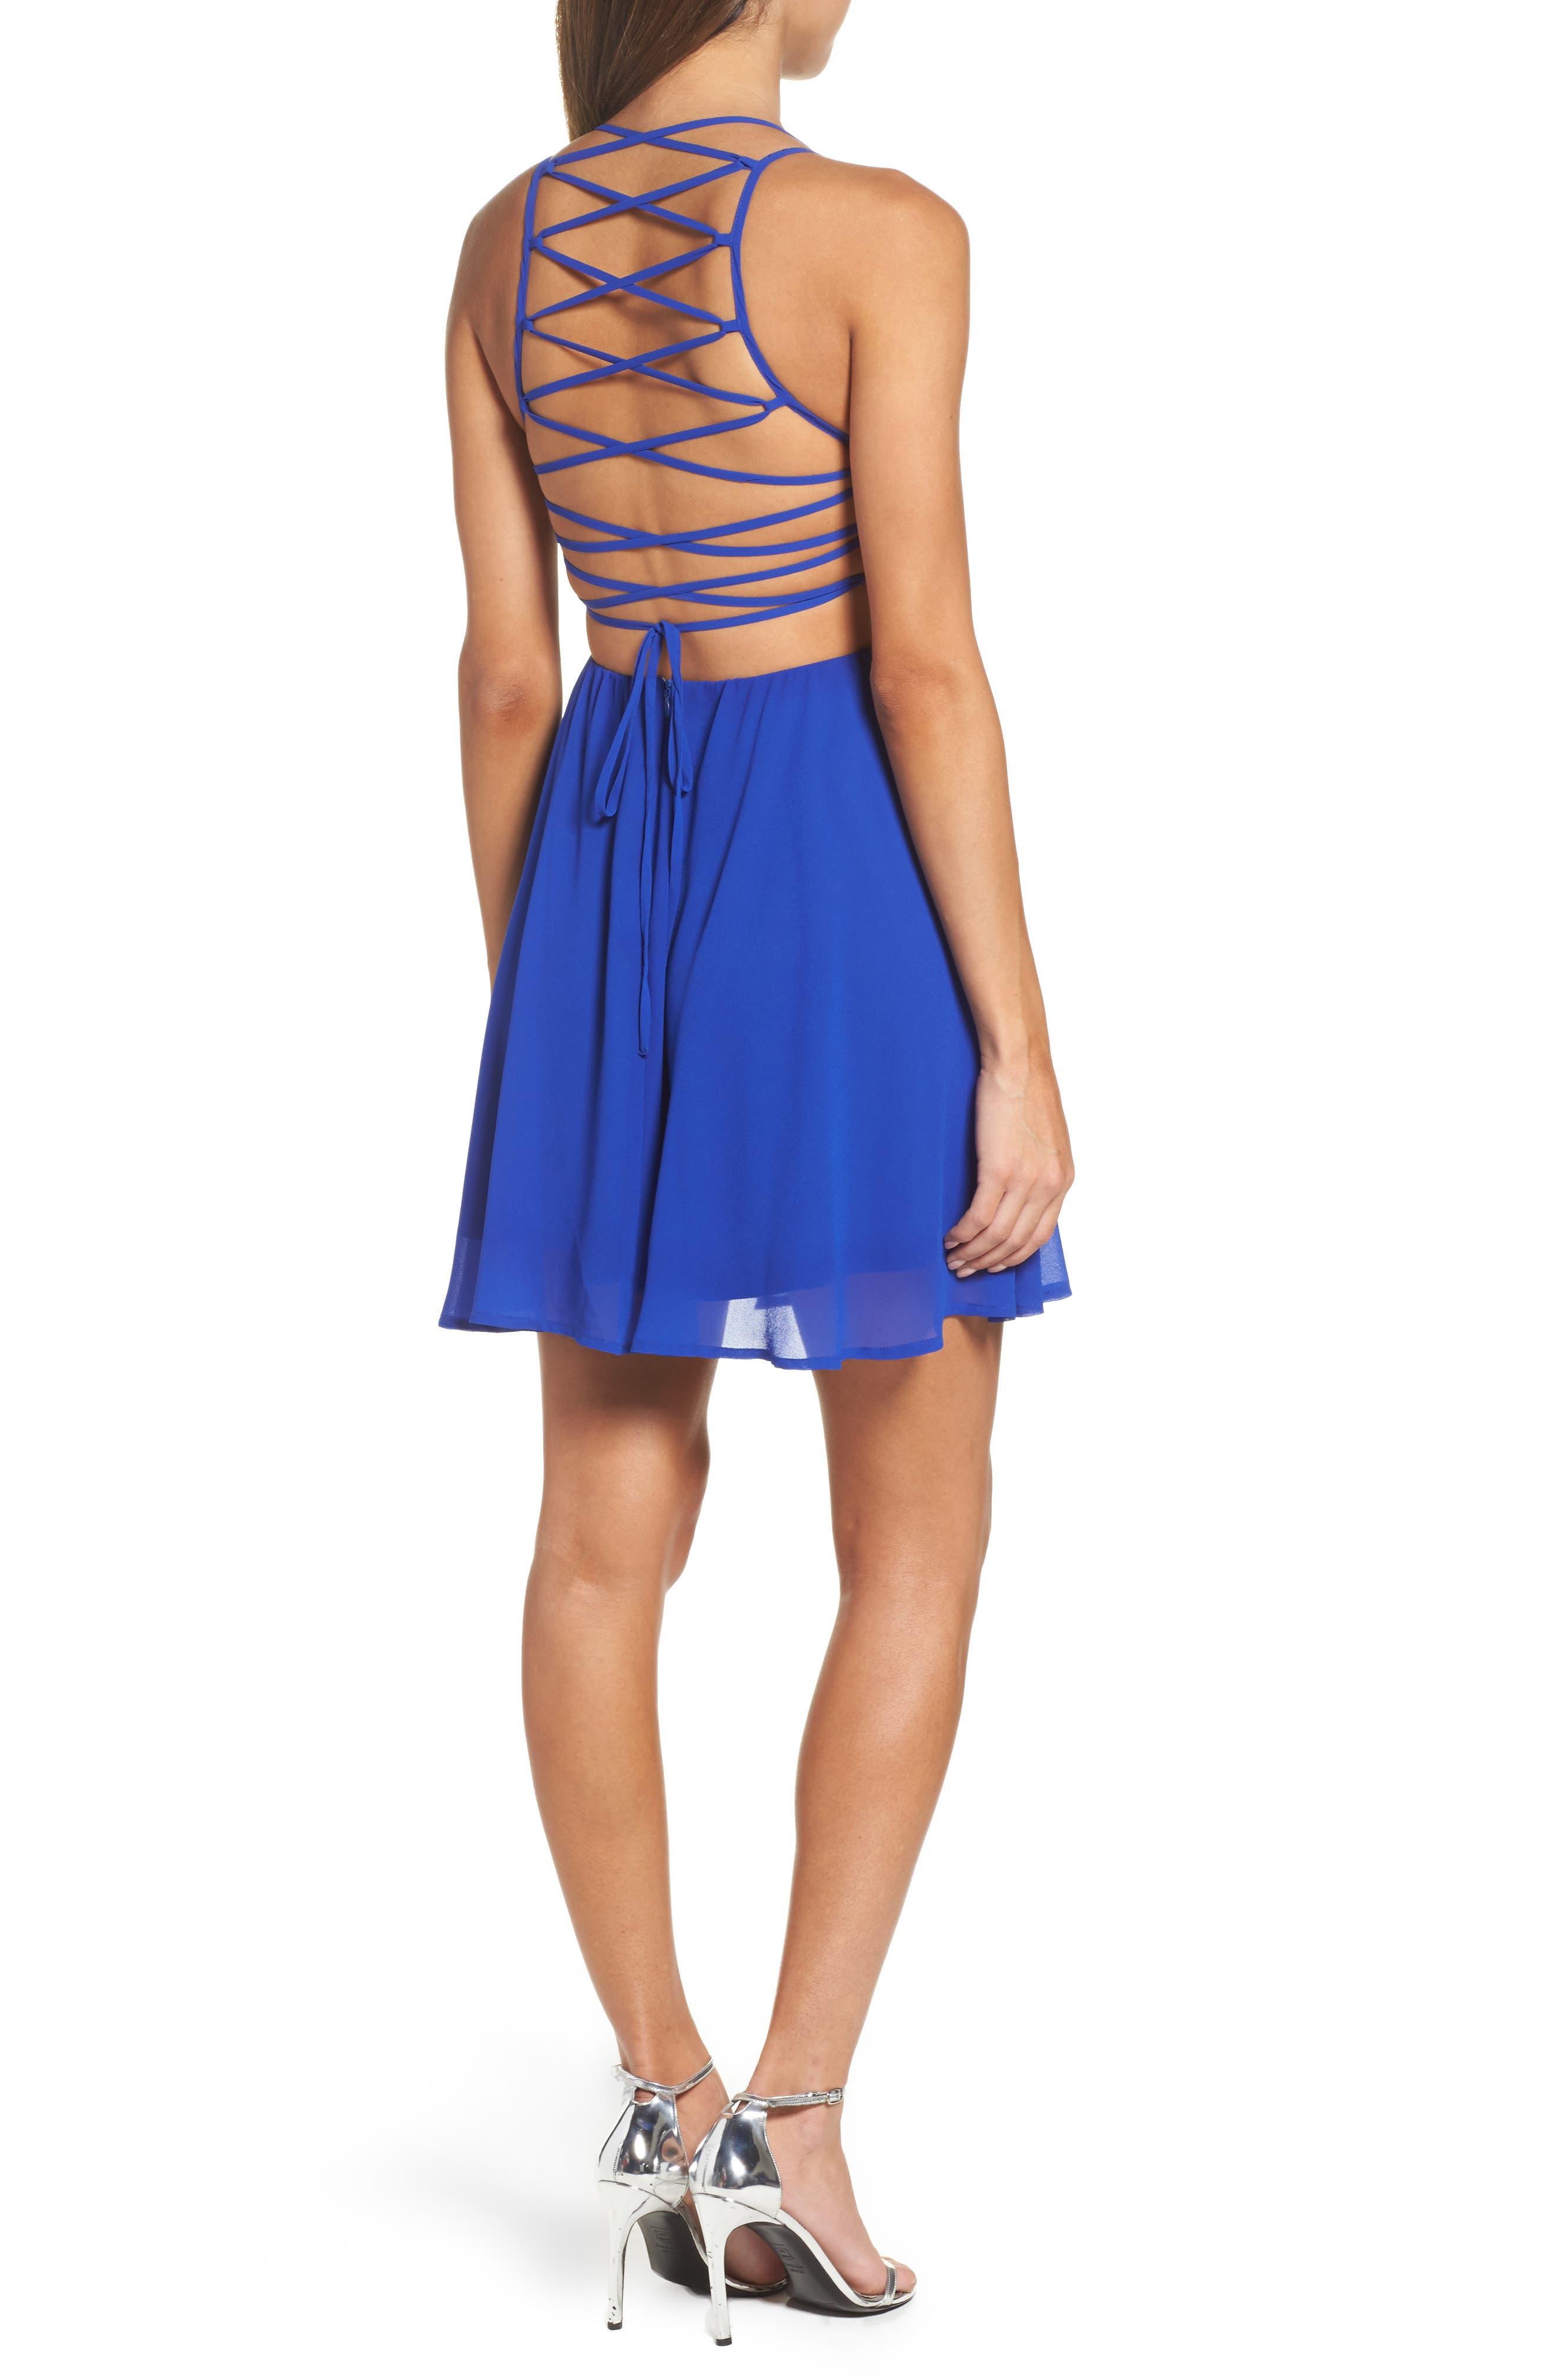 626daefec3ec Women's Lulus Dresses | Nordstrom